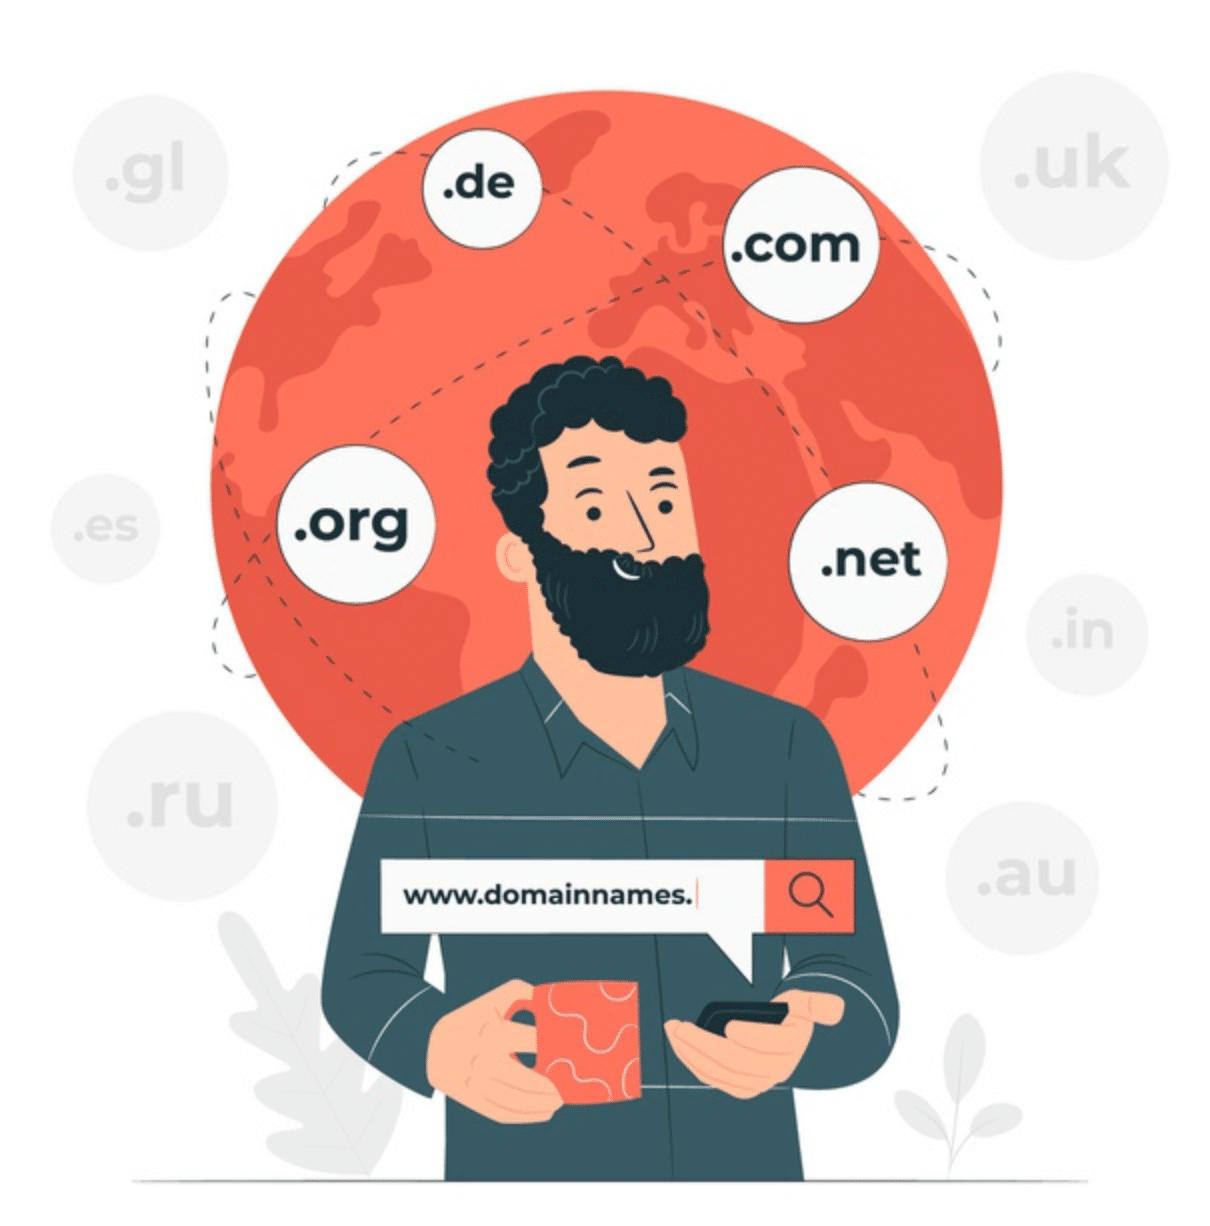 domain autority